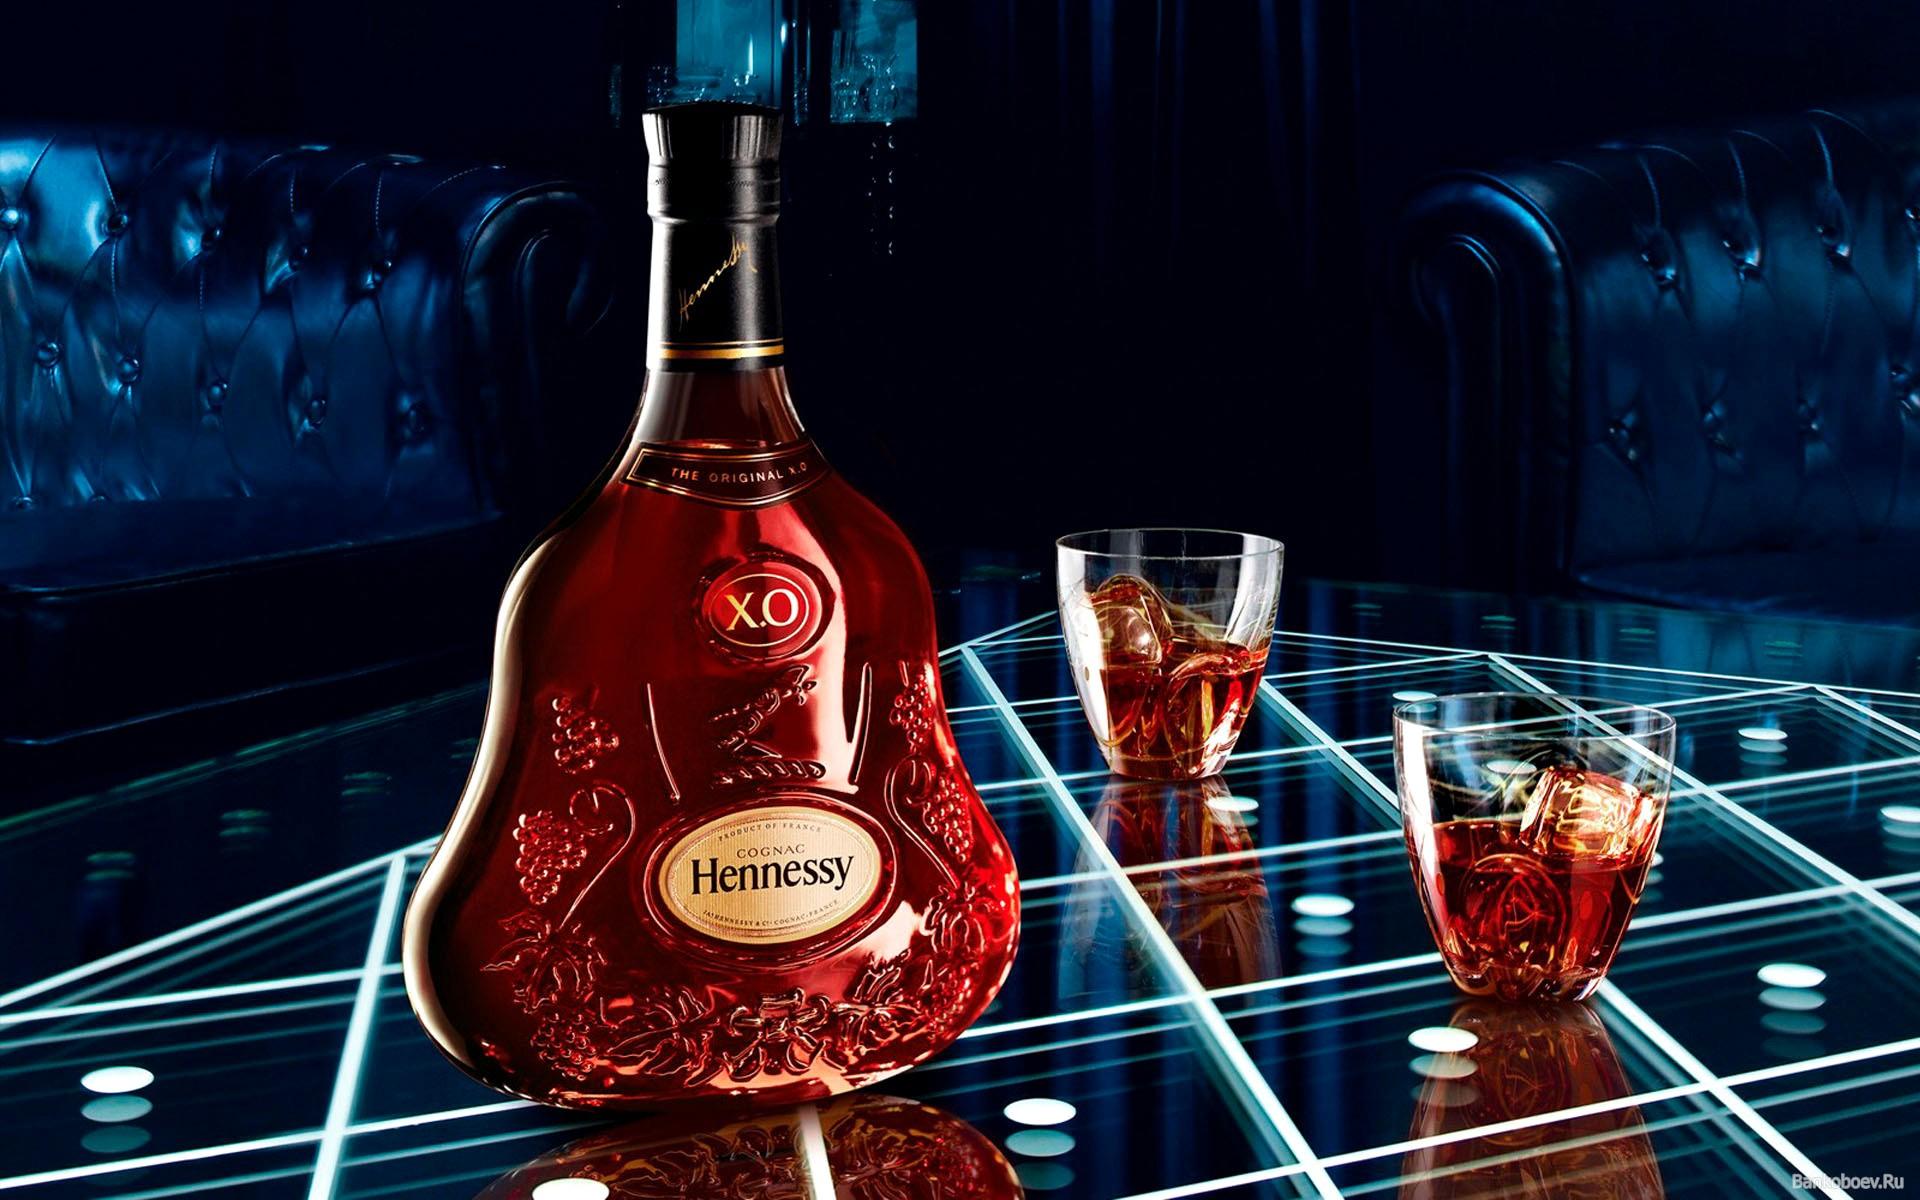 Hennessy: Hennessy, Whisky